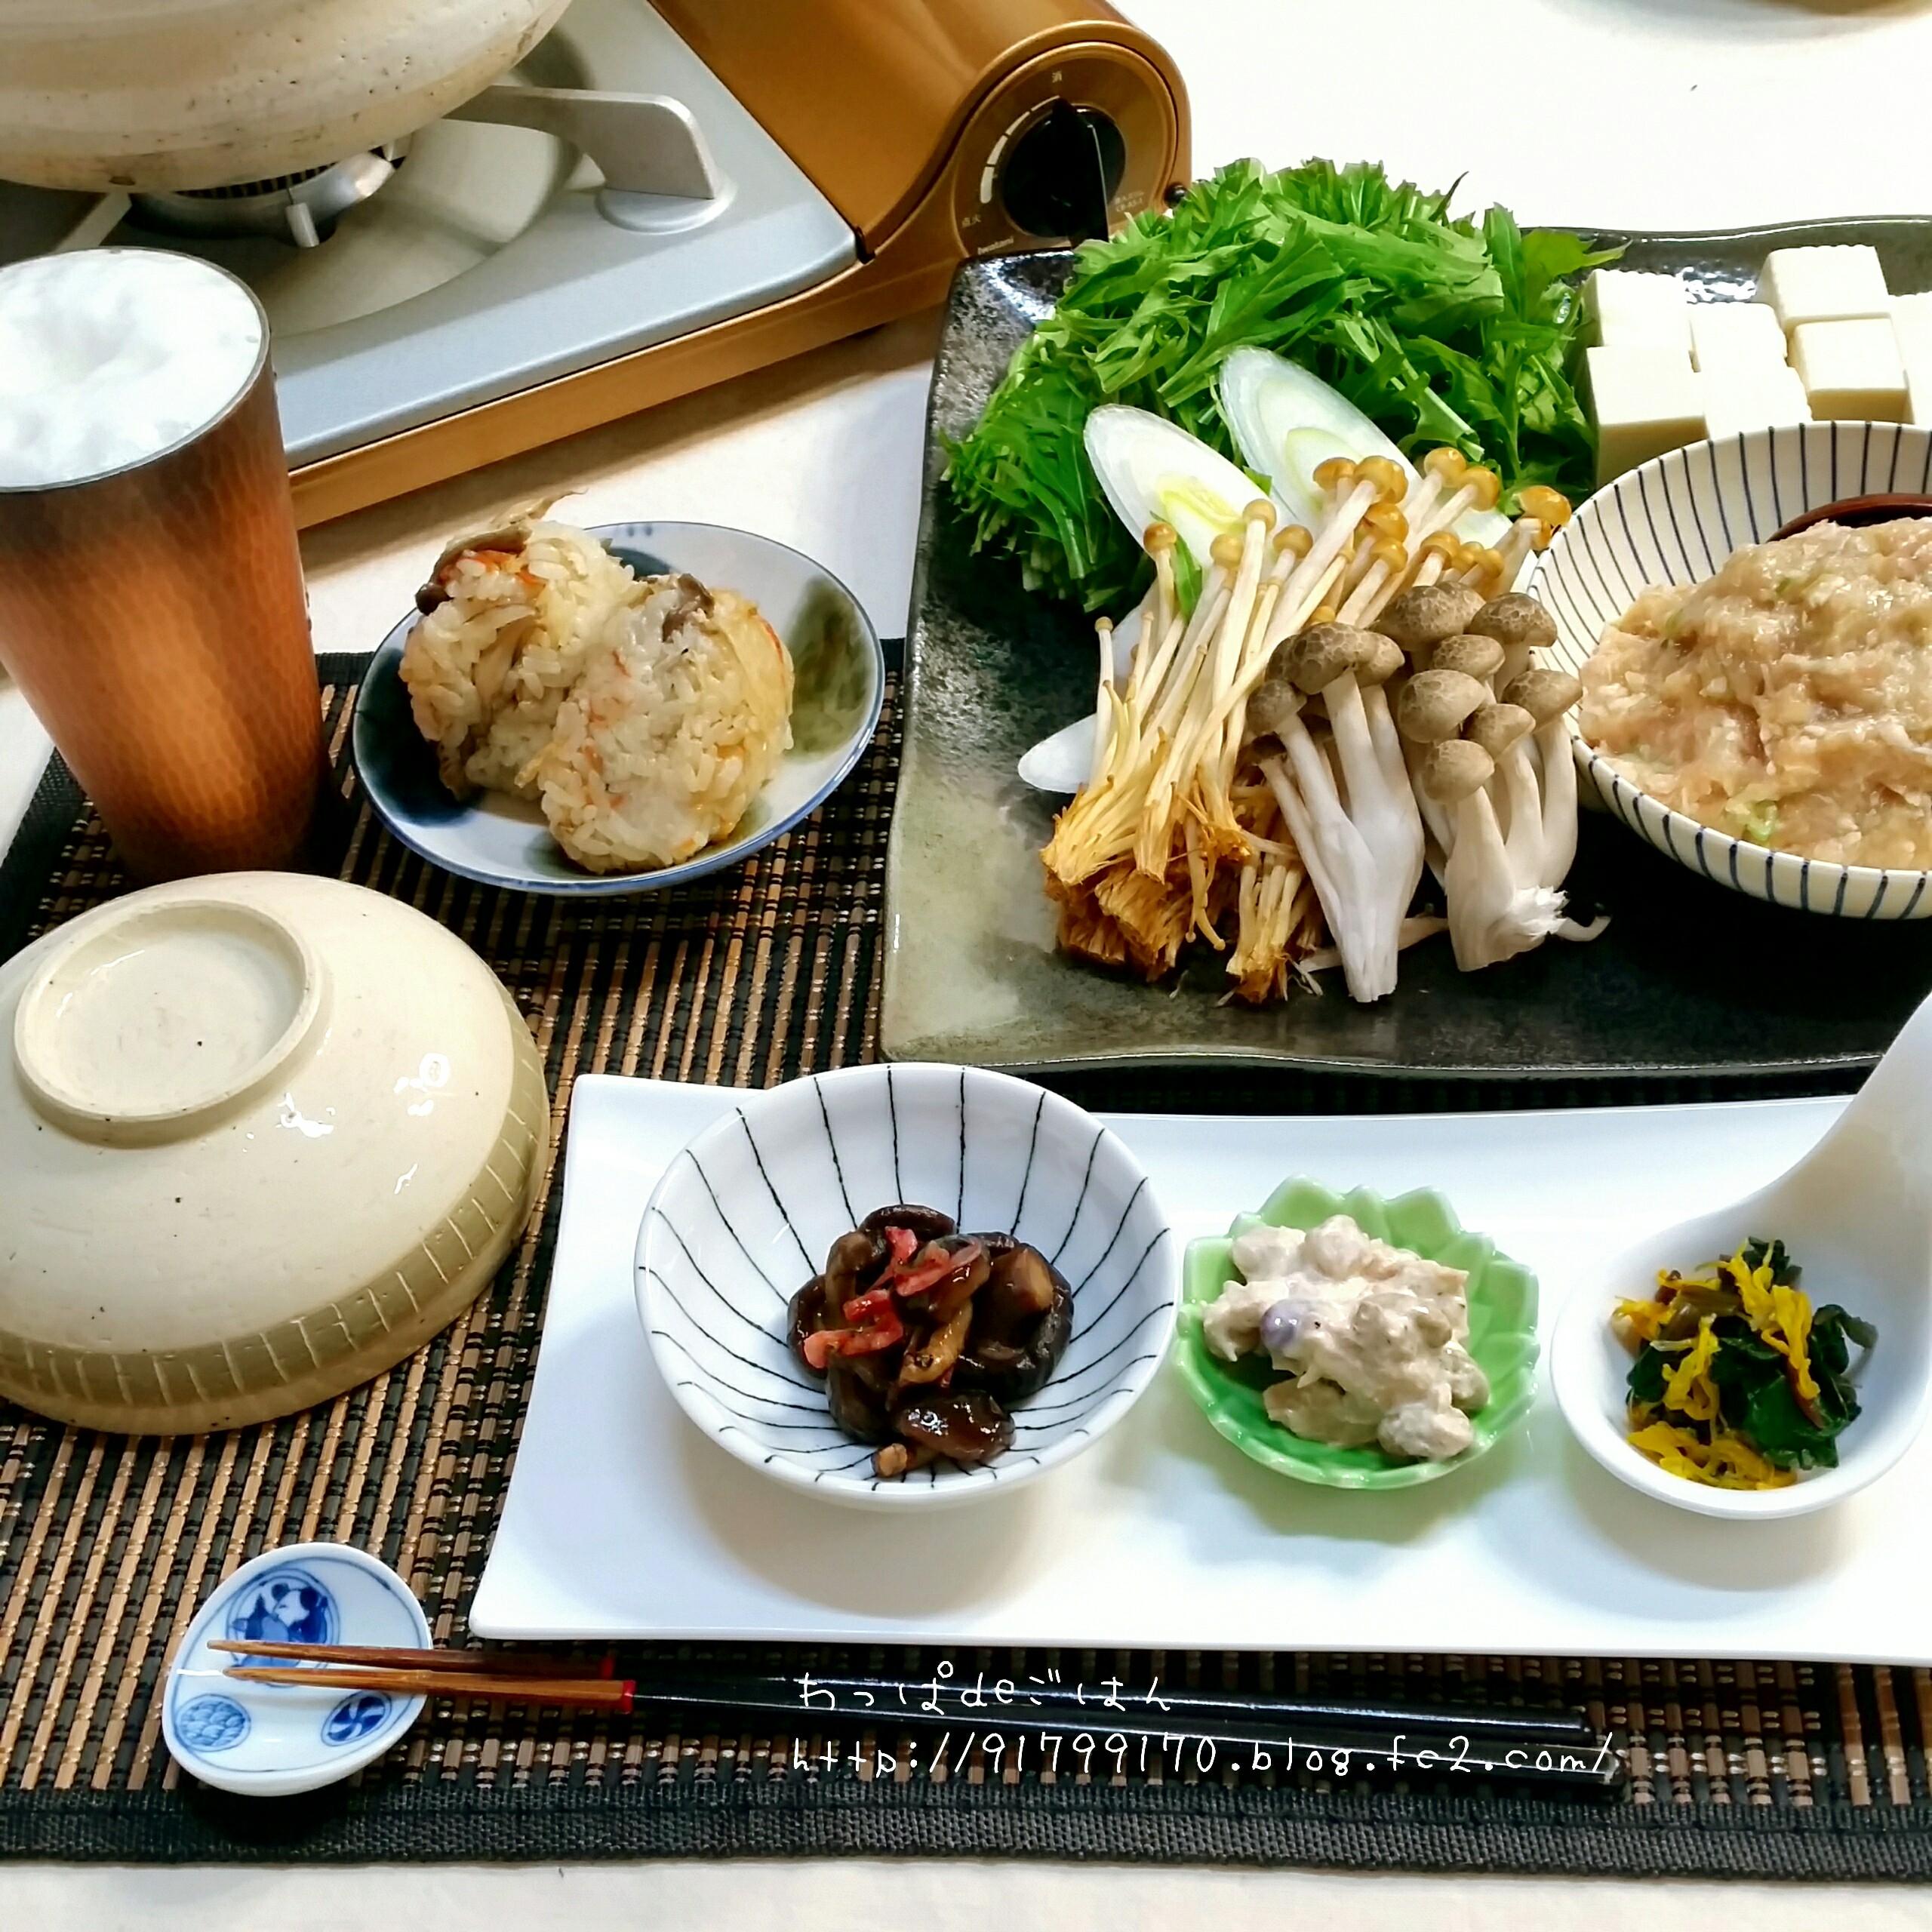 鶏団子の鍋の晩ごはん